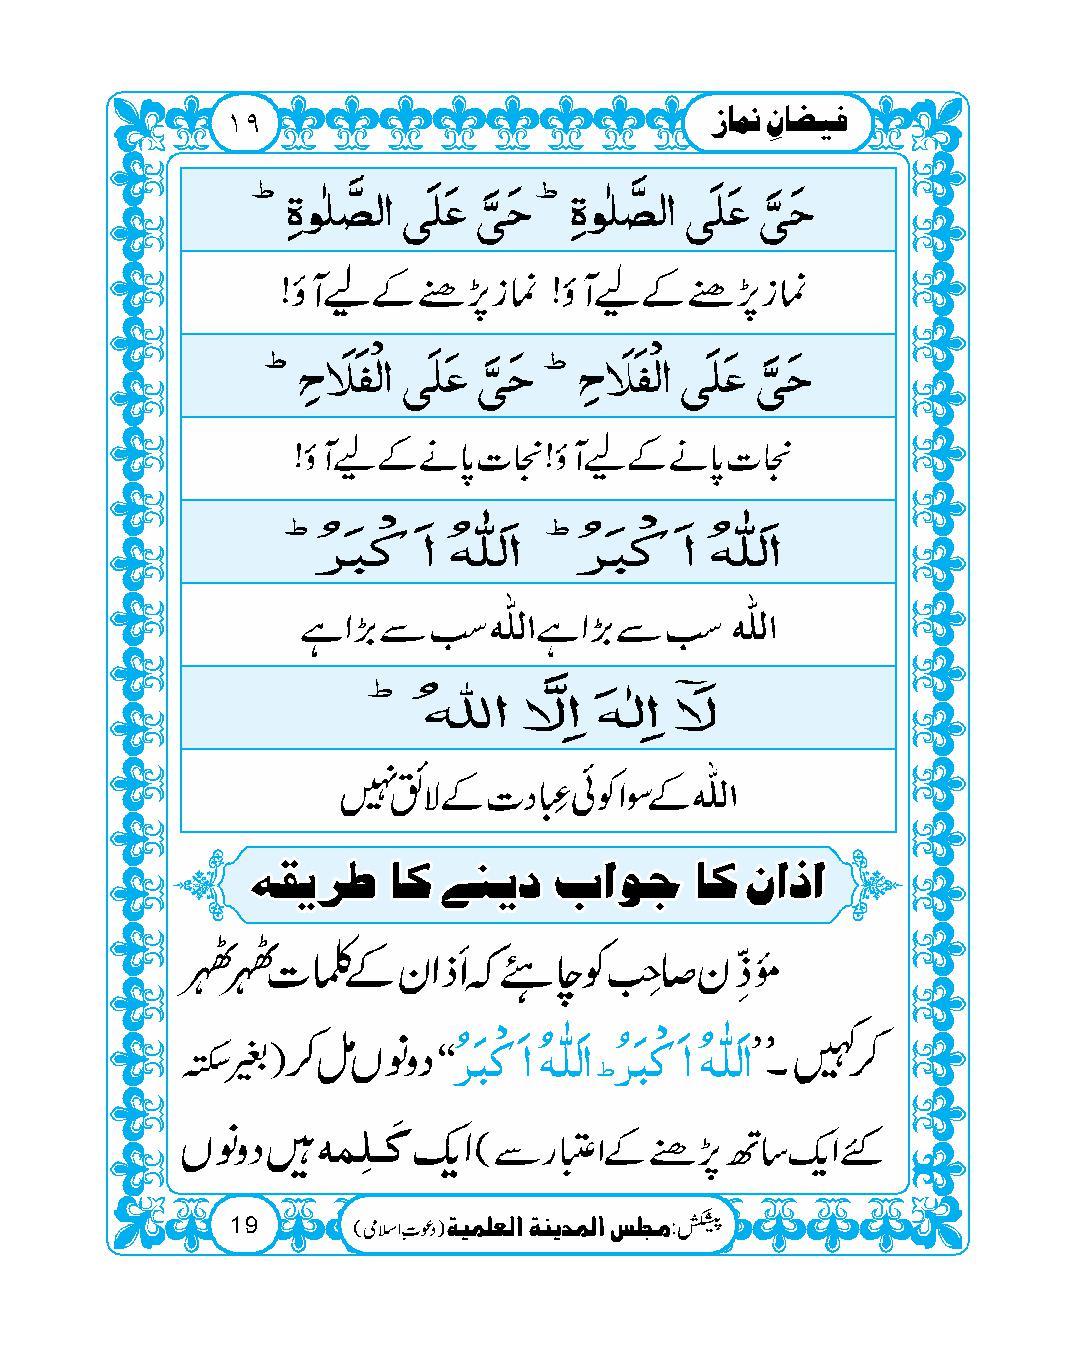 page No 19